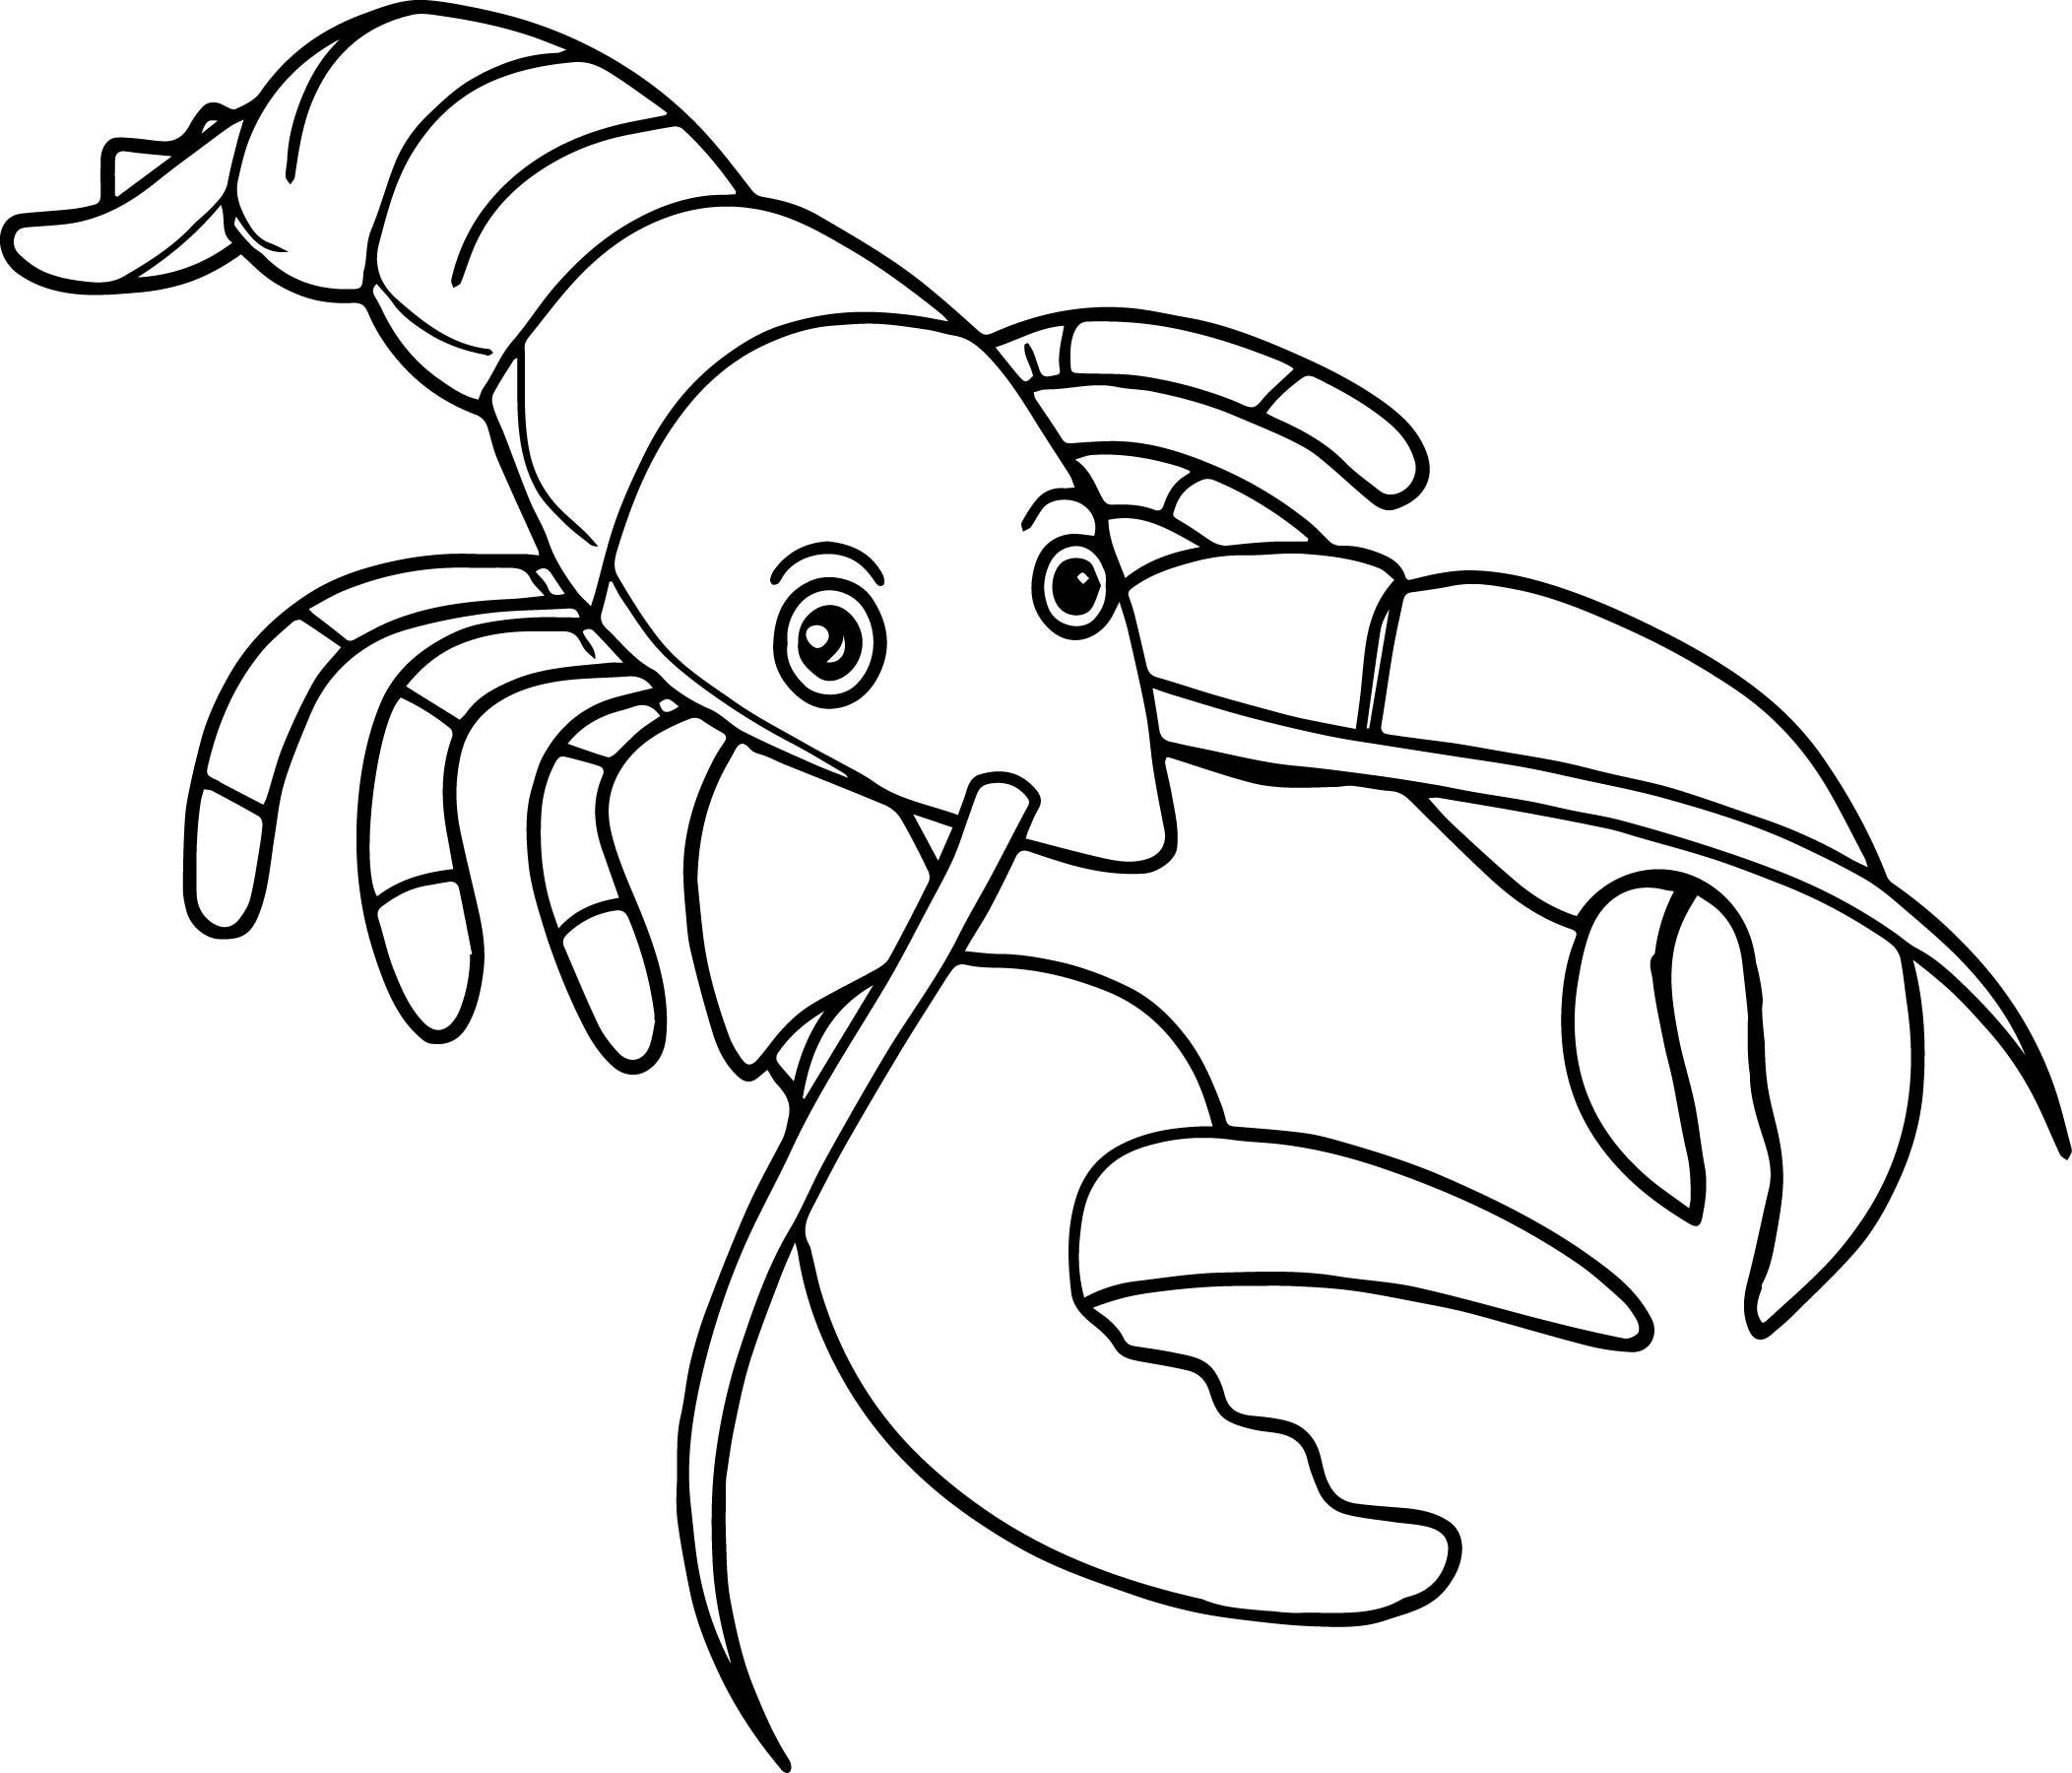 Lobster Cartoon Drawing At Getdrawings